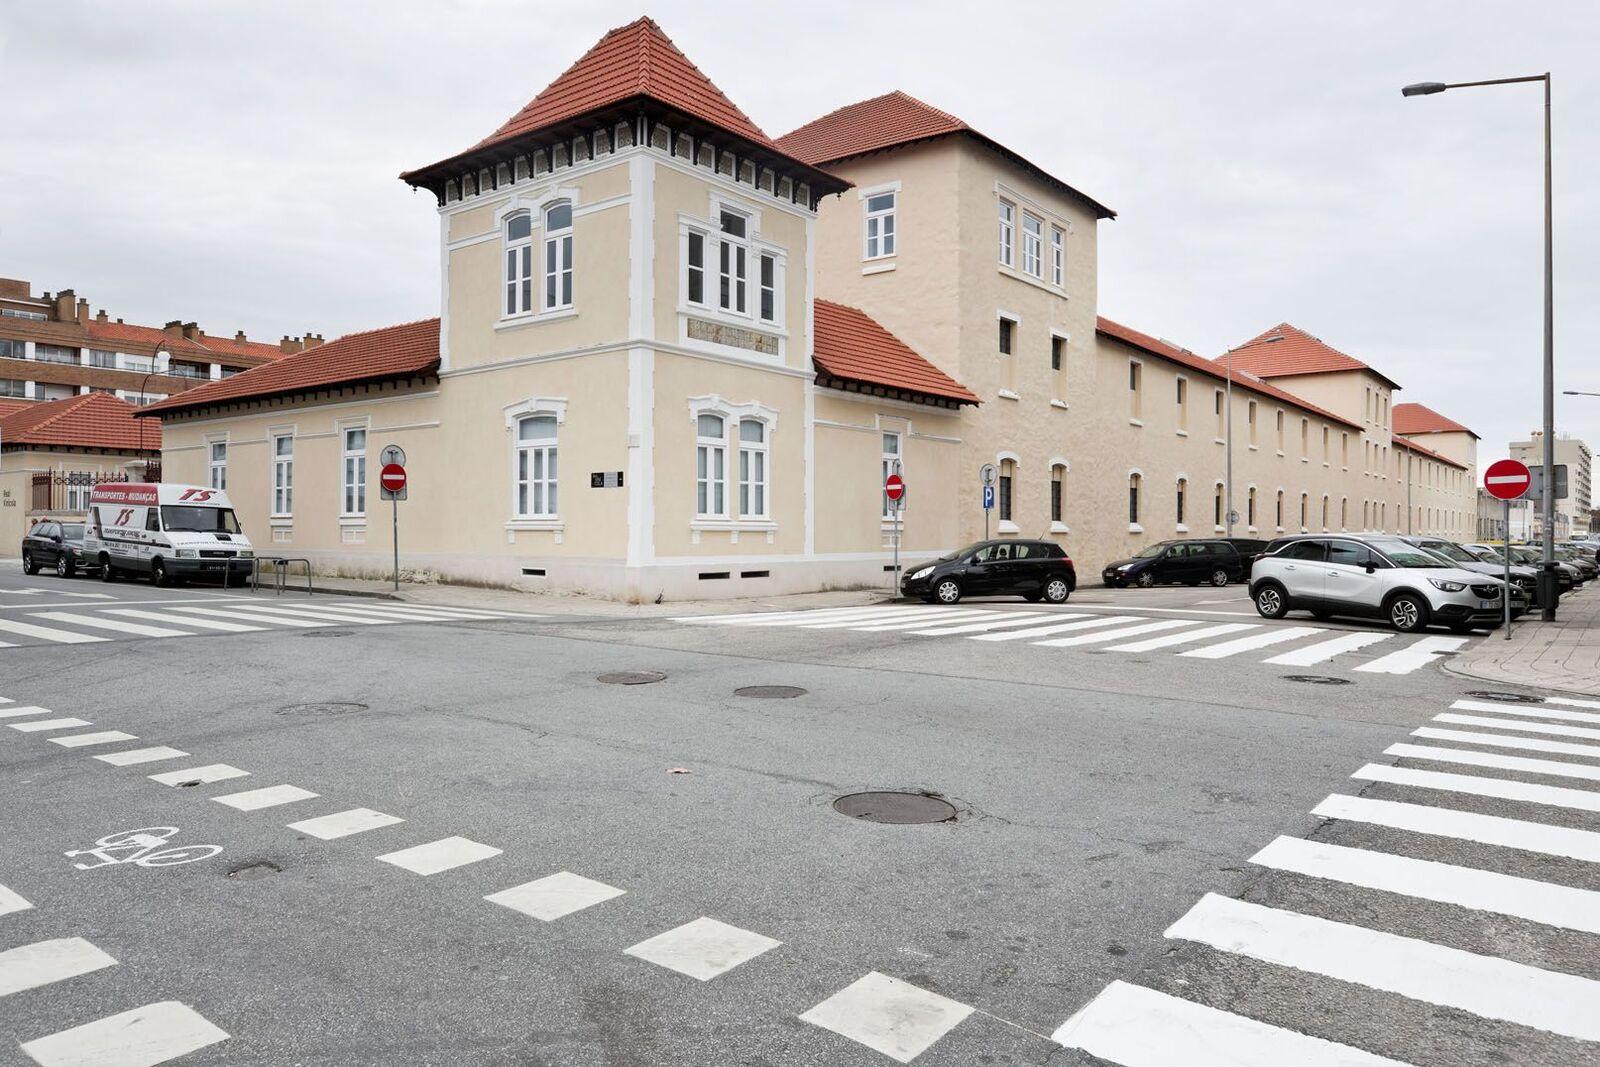 Prémio Nacional de Reabilitação Urbana – Impacto Social (ex-aequo)